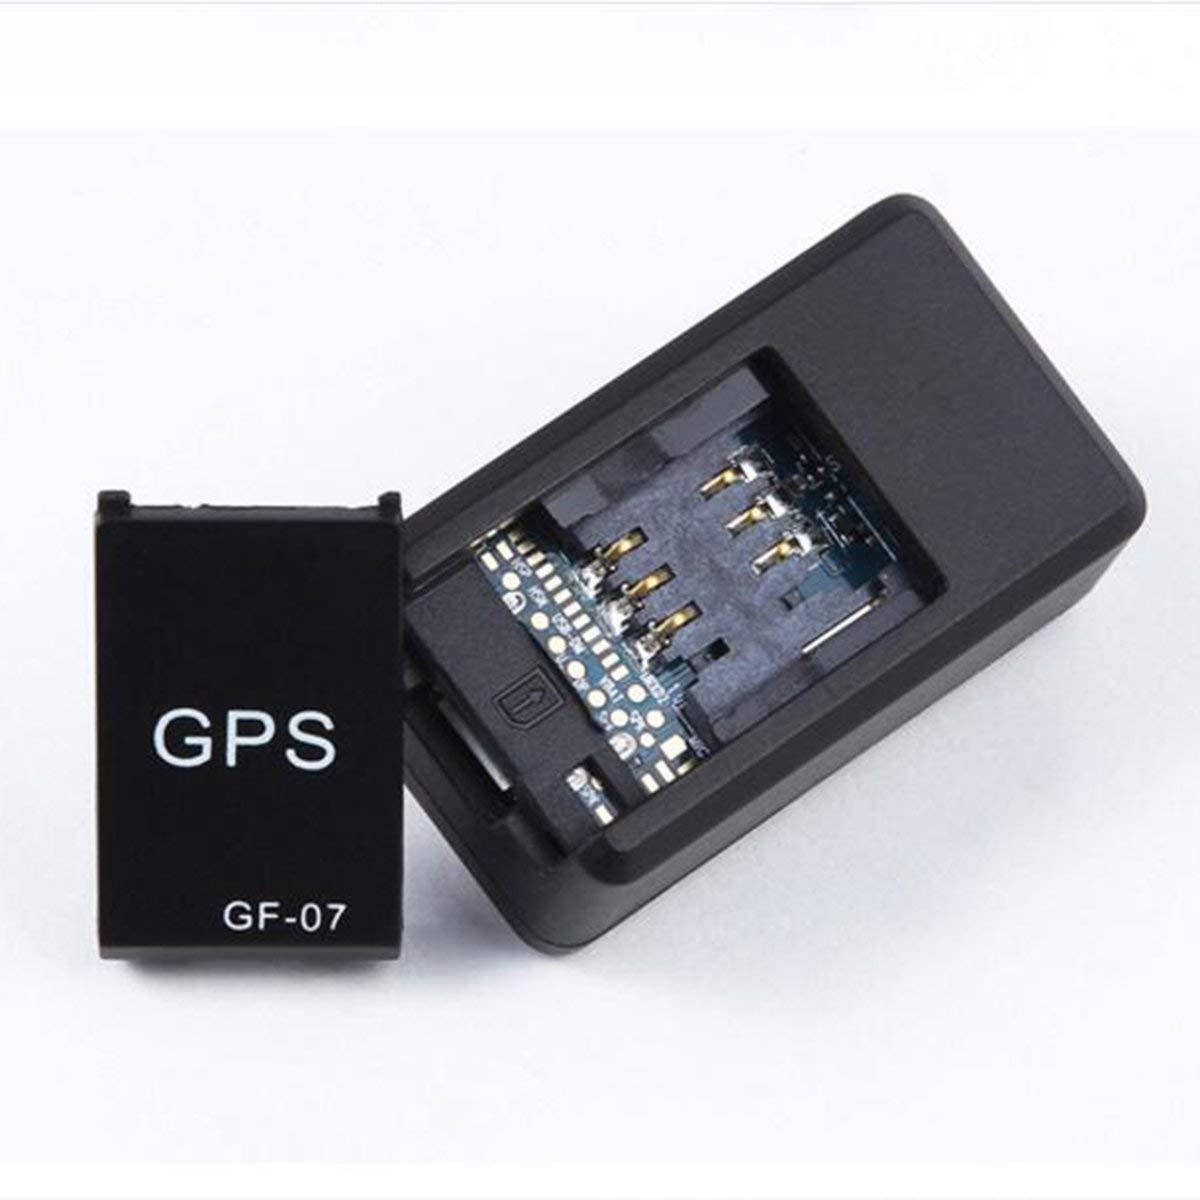 Gugutogo GF07 Magnetic Mini Tracker de Coche GPS Localizador de Seguimiento en Tiempo Real Dispositivo Localizador de GPS magn/ético Localizador de veh/ículo en Tiempo Real